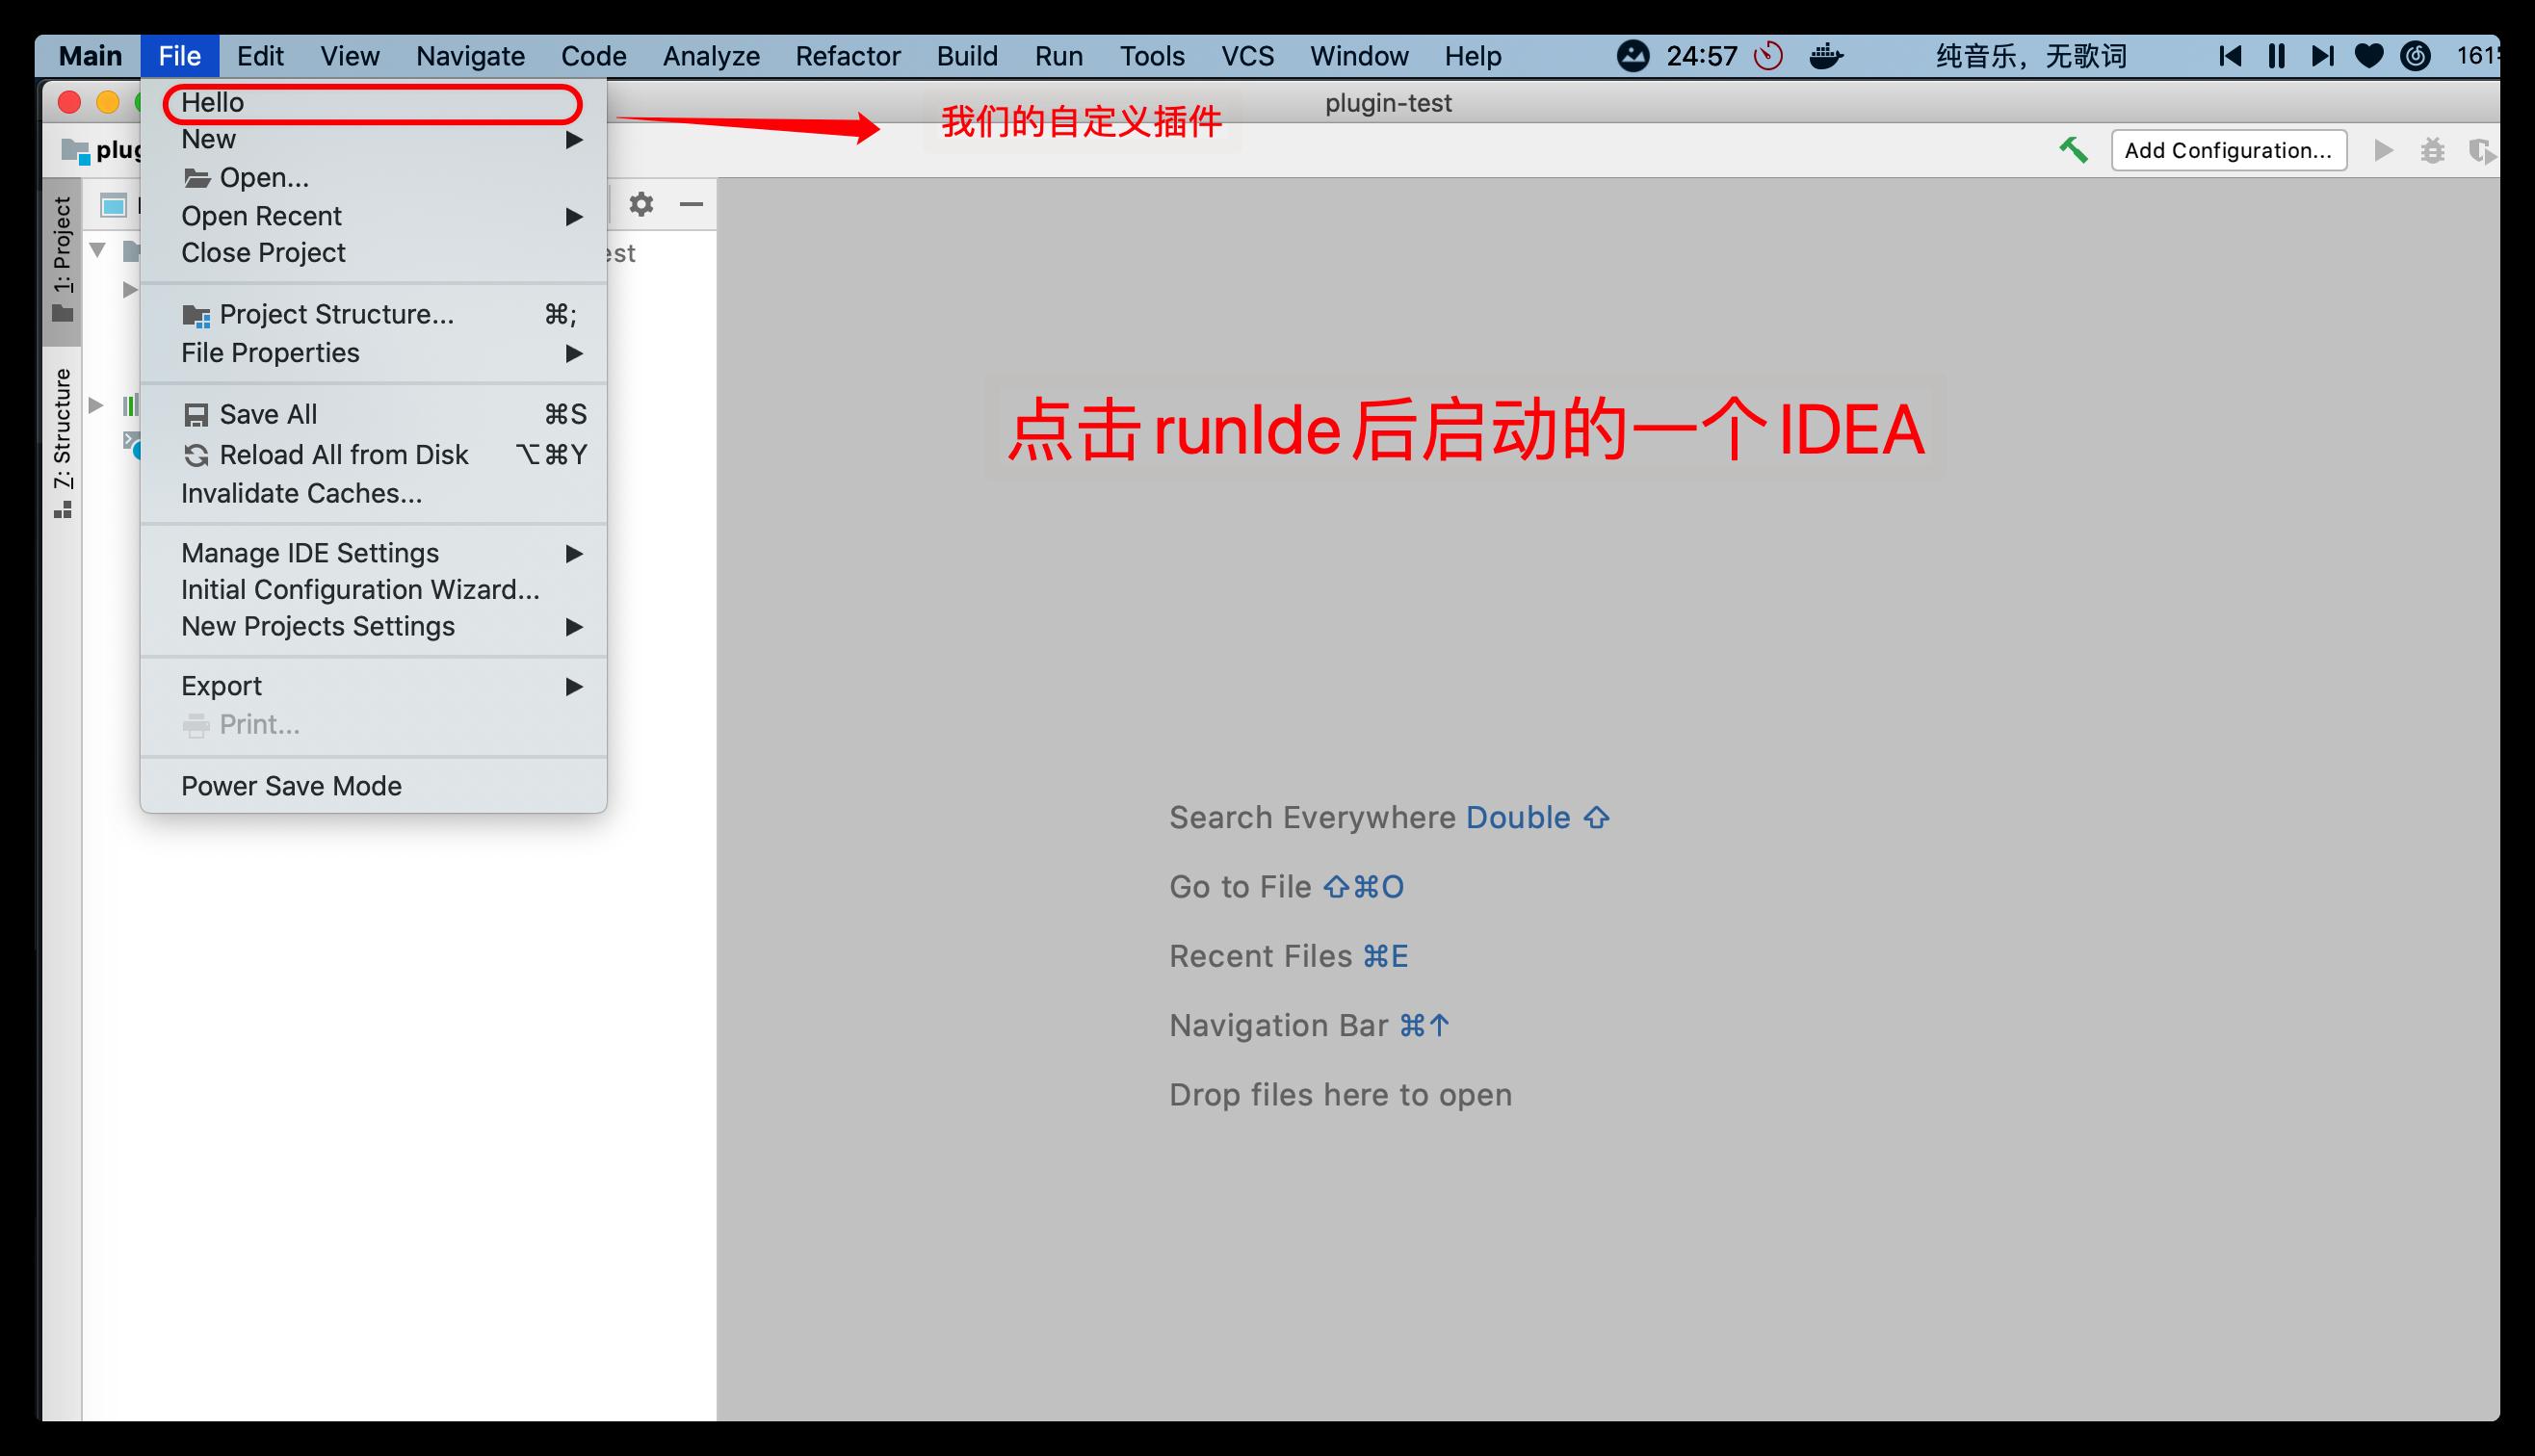 點擊 runIde 就會啟動一個默認了這個插件的 IDEA